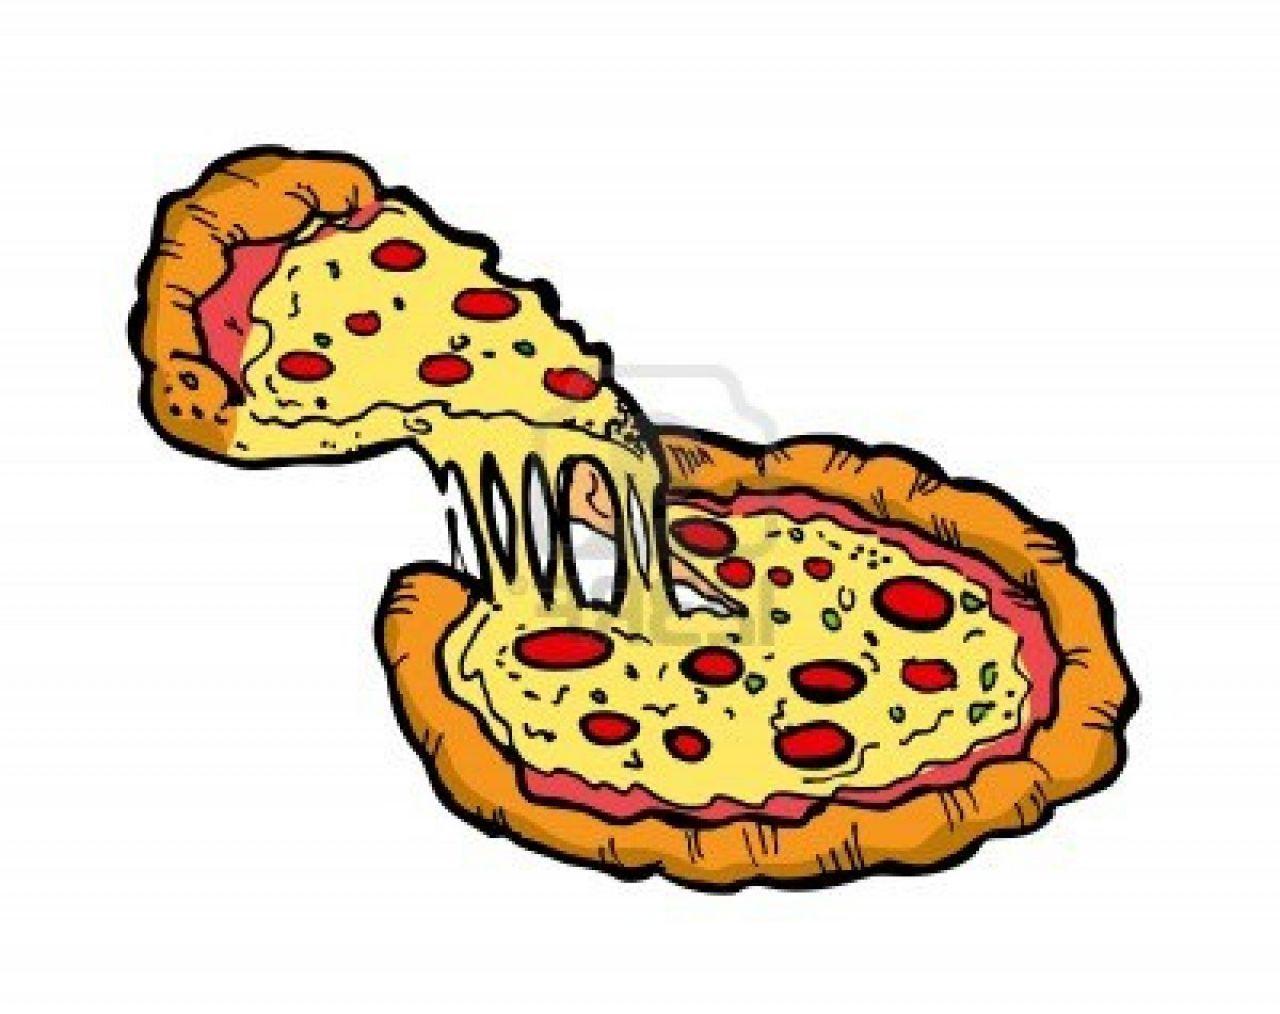 pizza pie clip art clipart panda free clipart images [ 1280 x 1014 Pixel ]